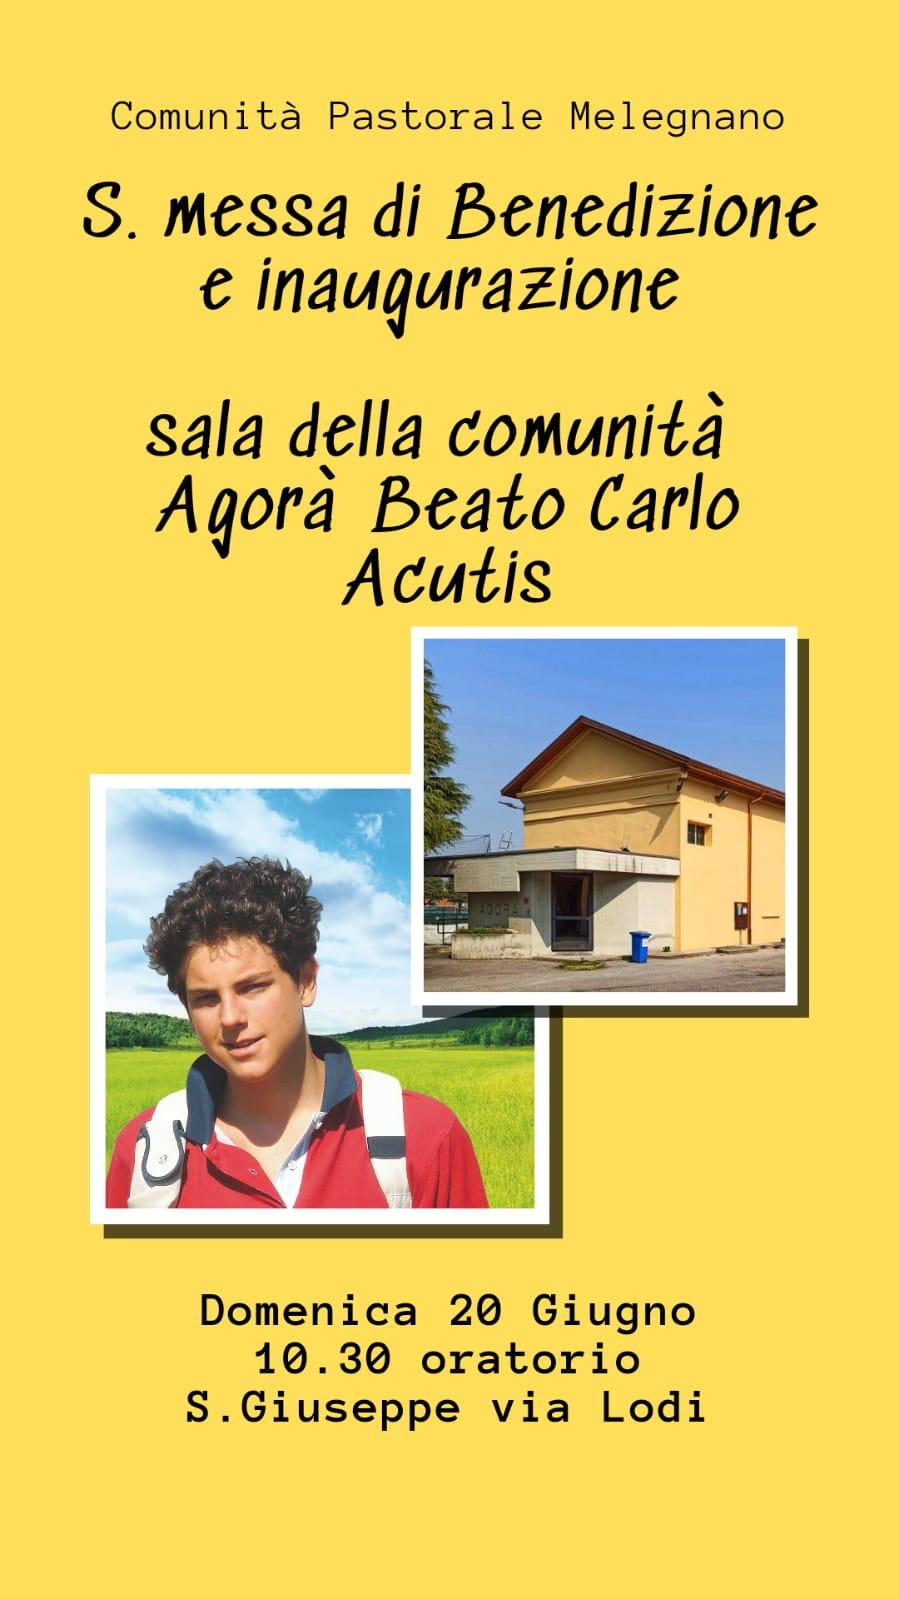 Inaugurazione della sala della comunità Agorà Beato Carlo Acutis